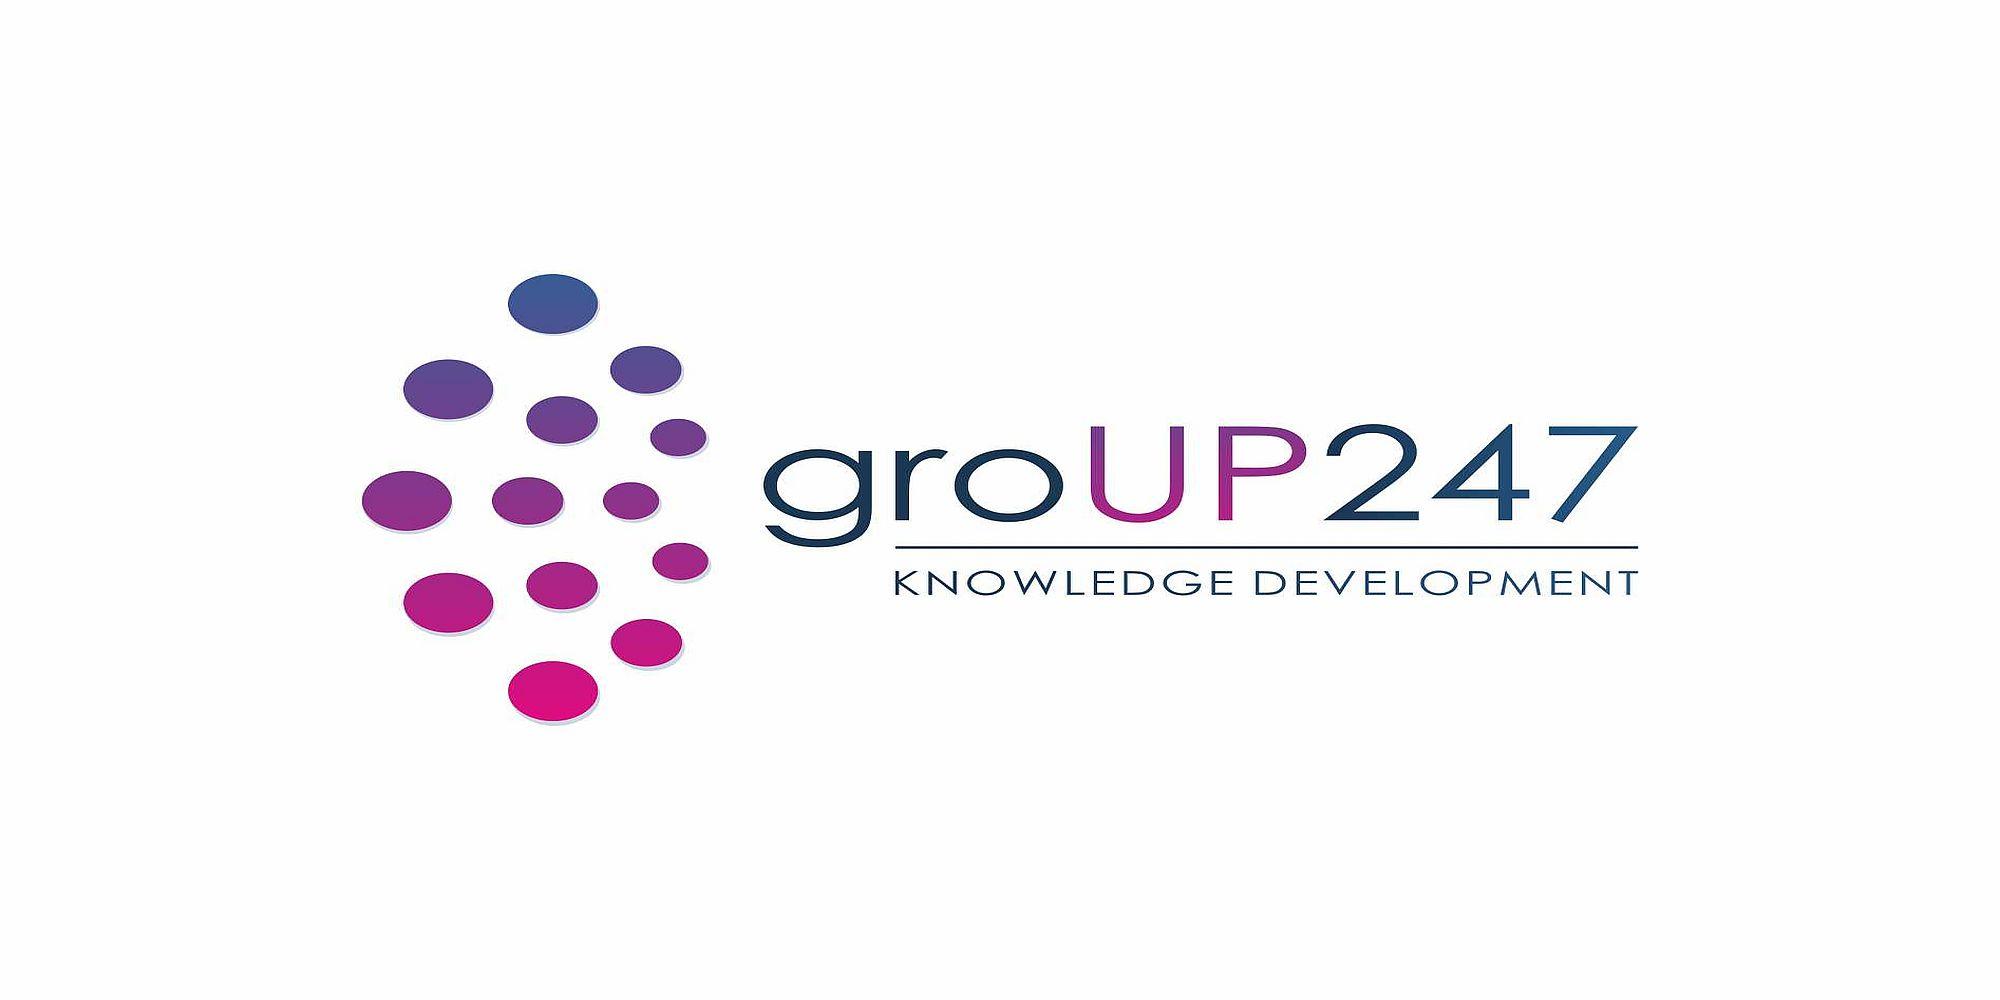 Współpraca szkoleniowa INSTIN i groUP247!